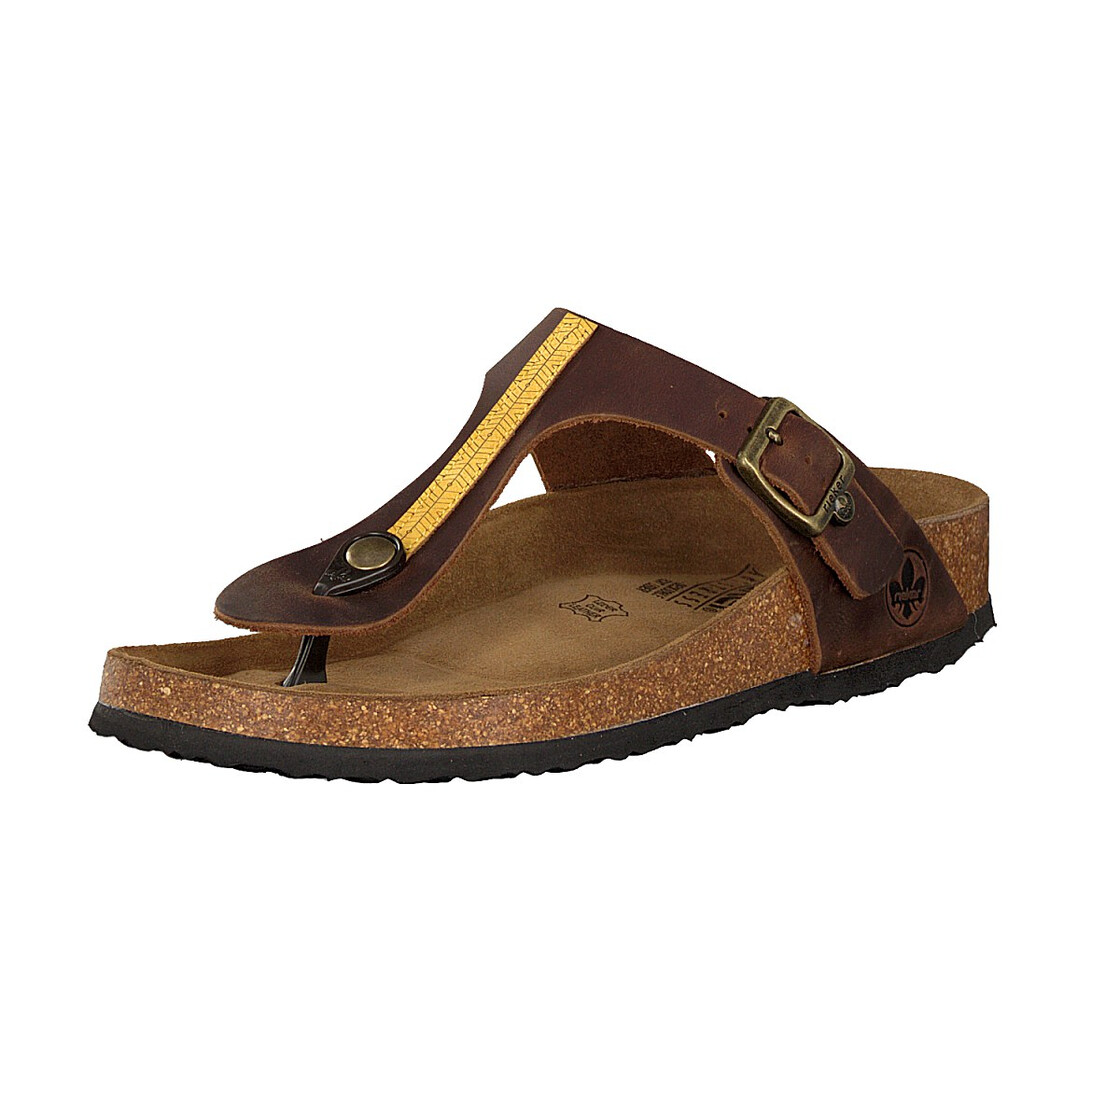 V9481-25 Rieker brown toe post sandal